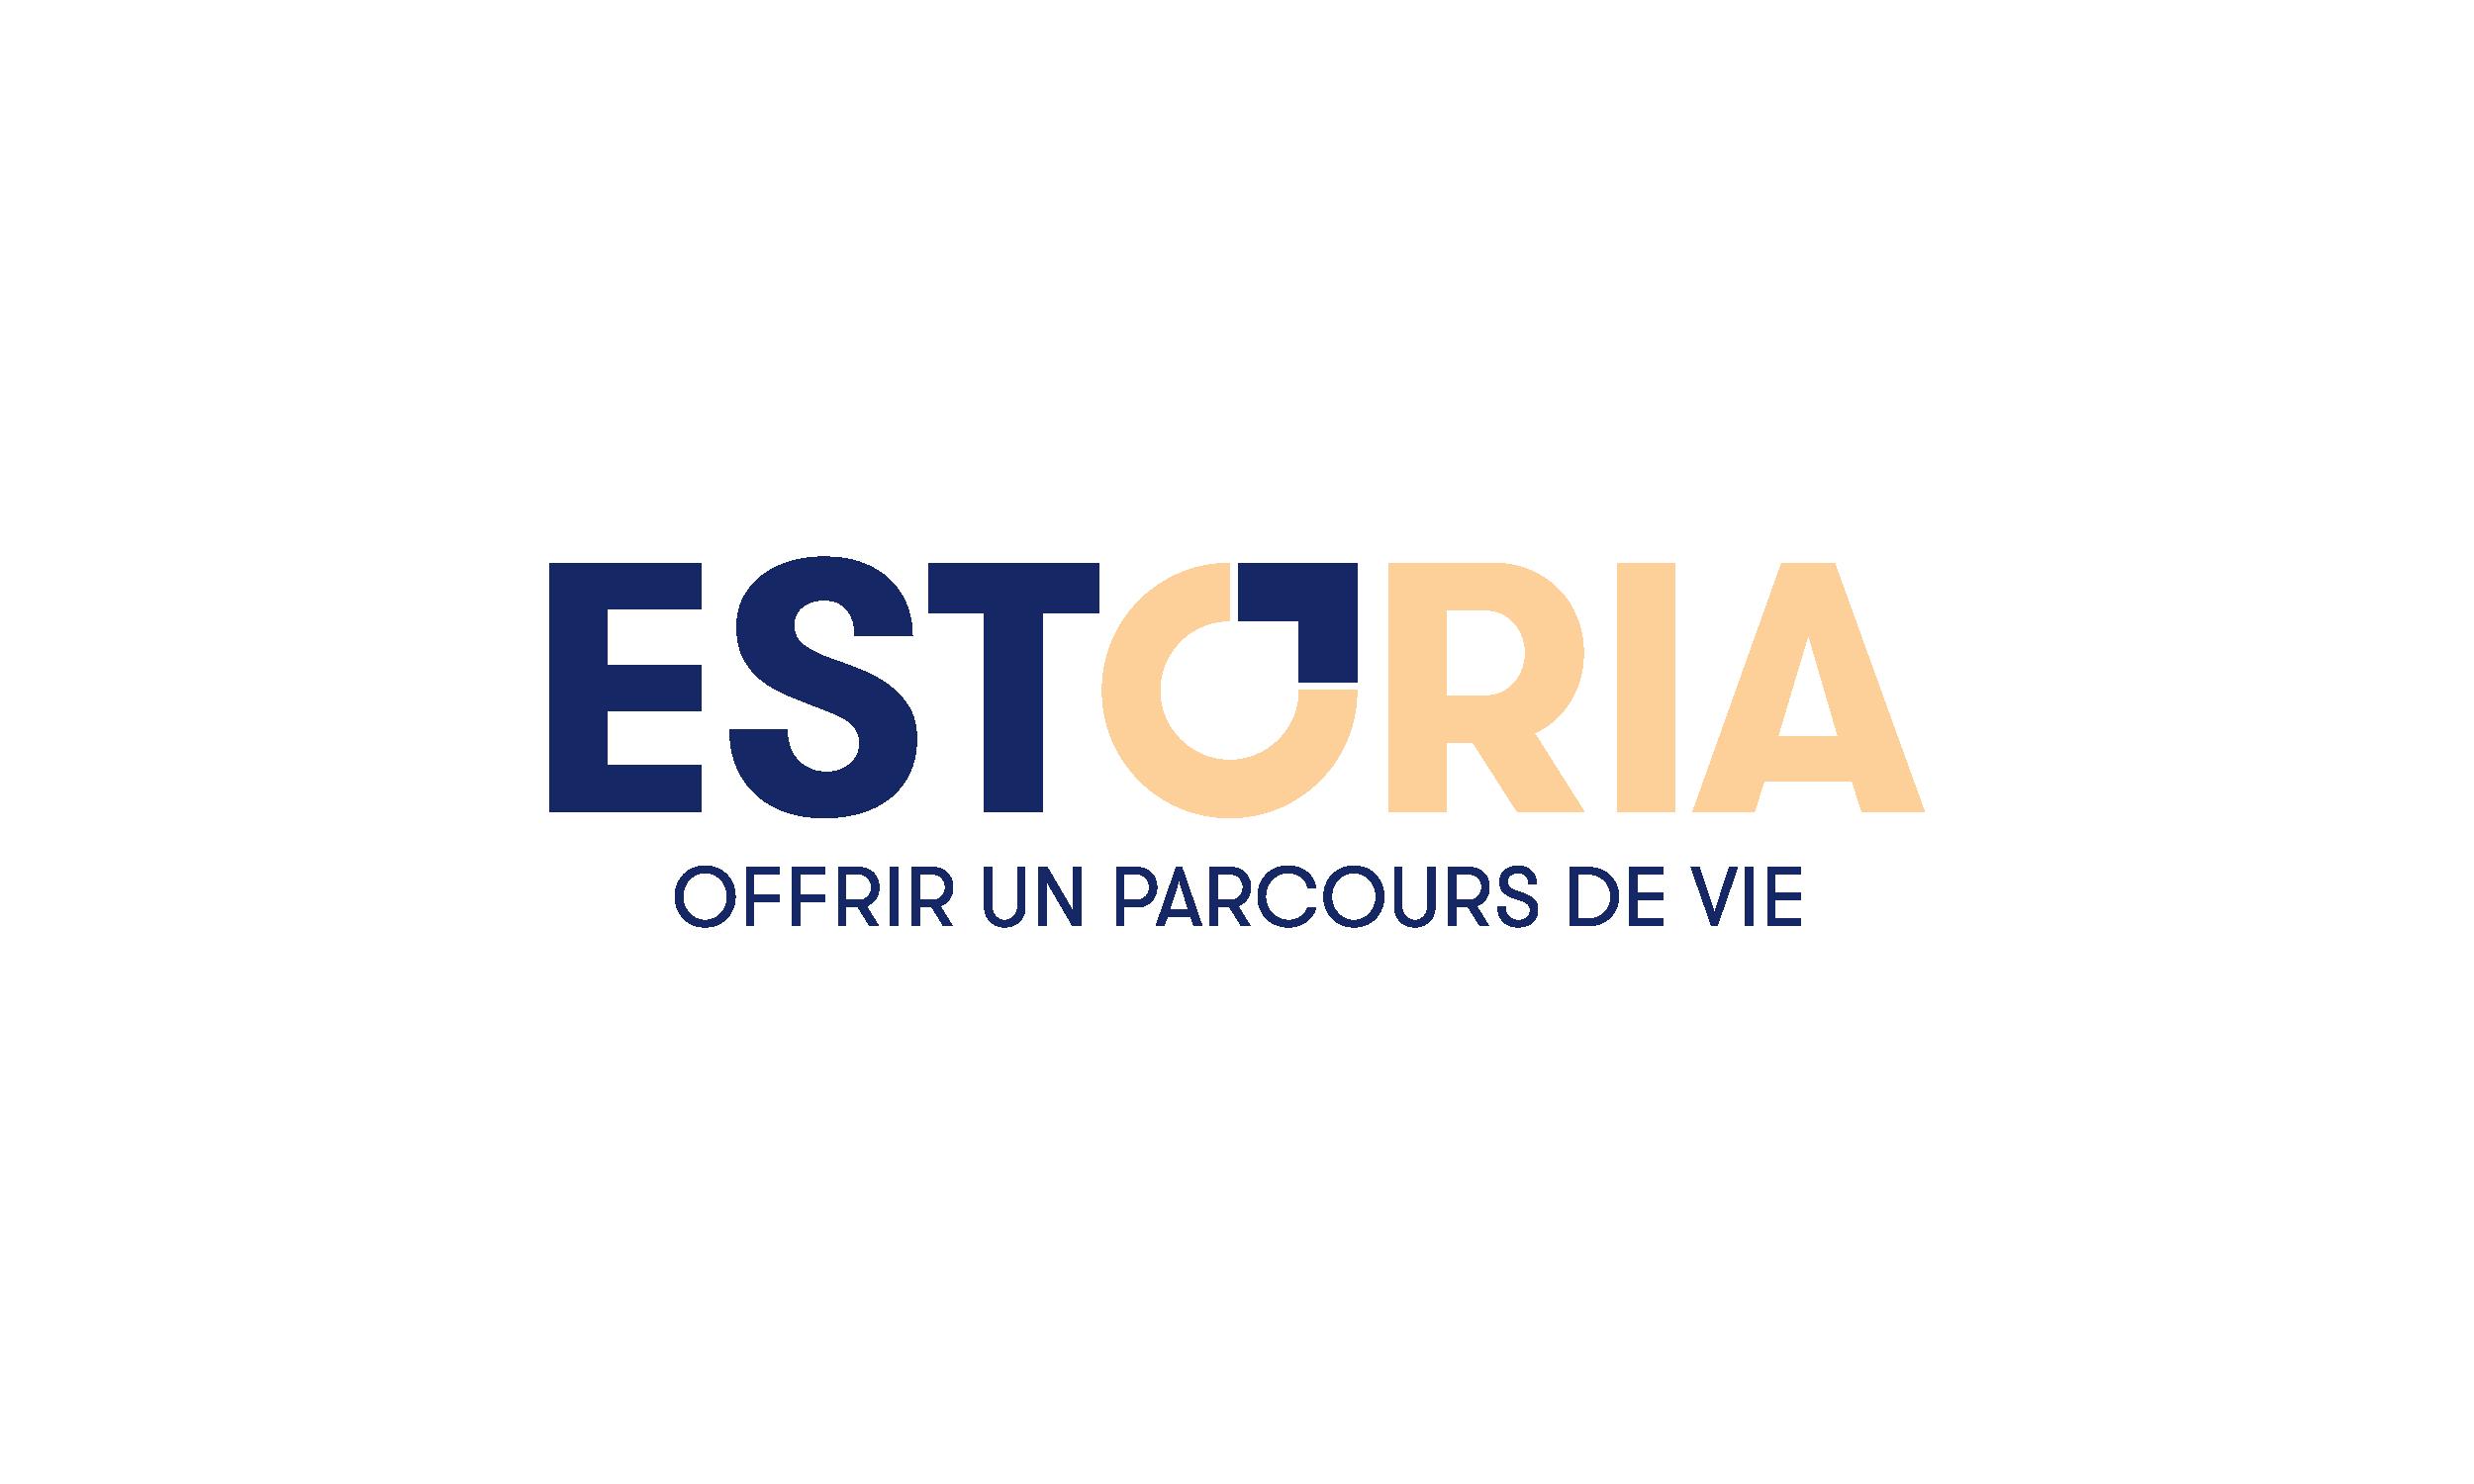 Estoria-identite-1